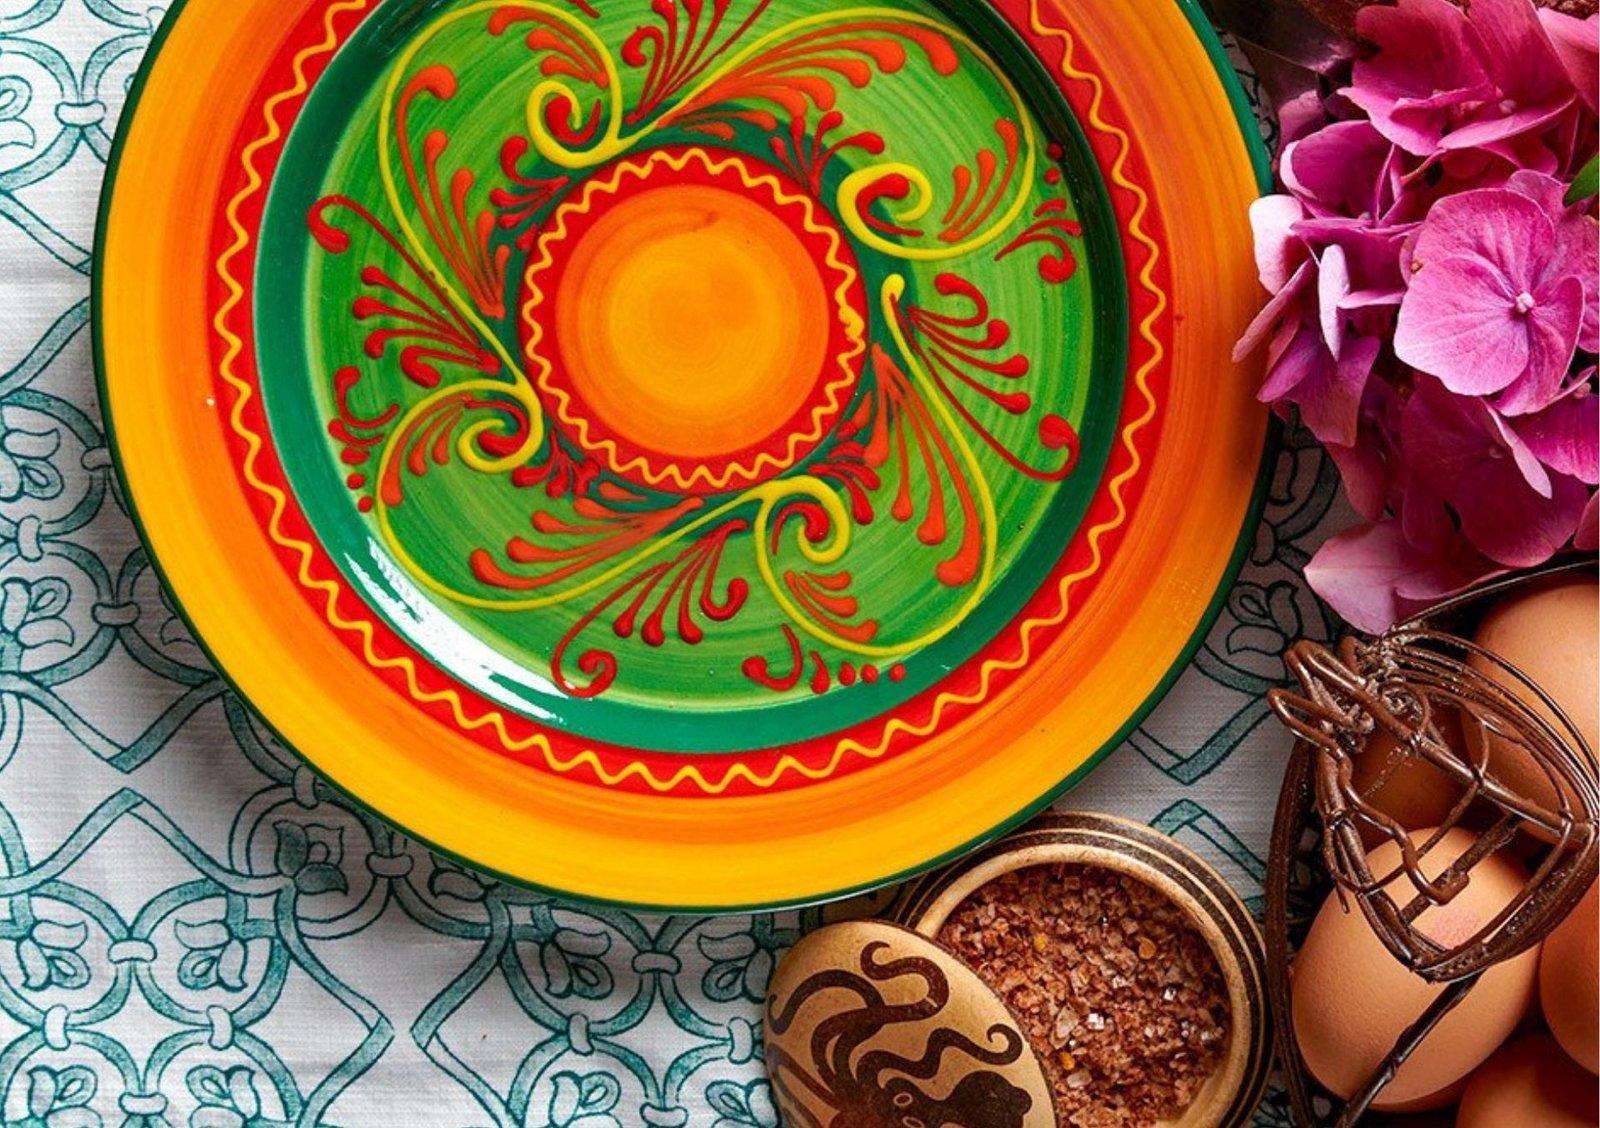 La céramique andalouse l'histoire d'un artisanat de tradition